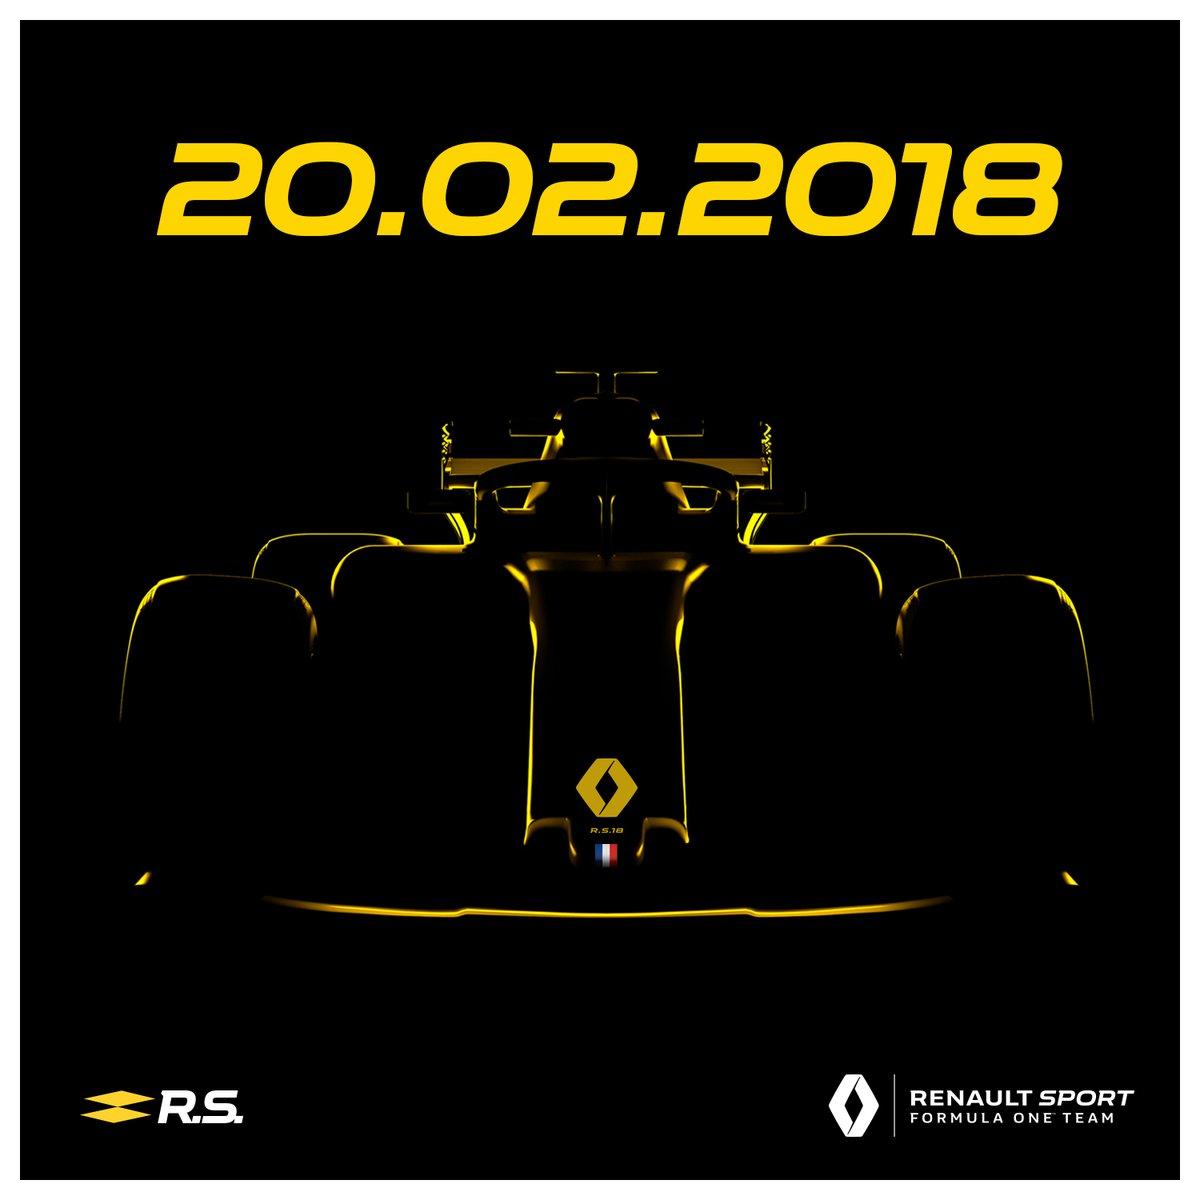 Формула 1: команды готовятся к презентации болидов и первому Гран-при